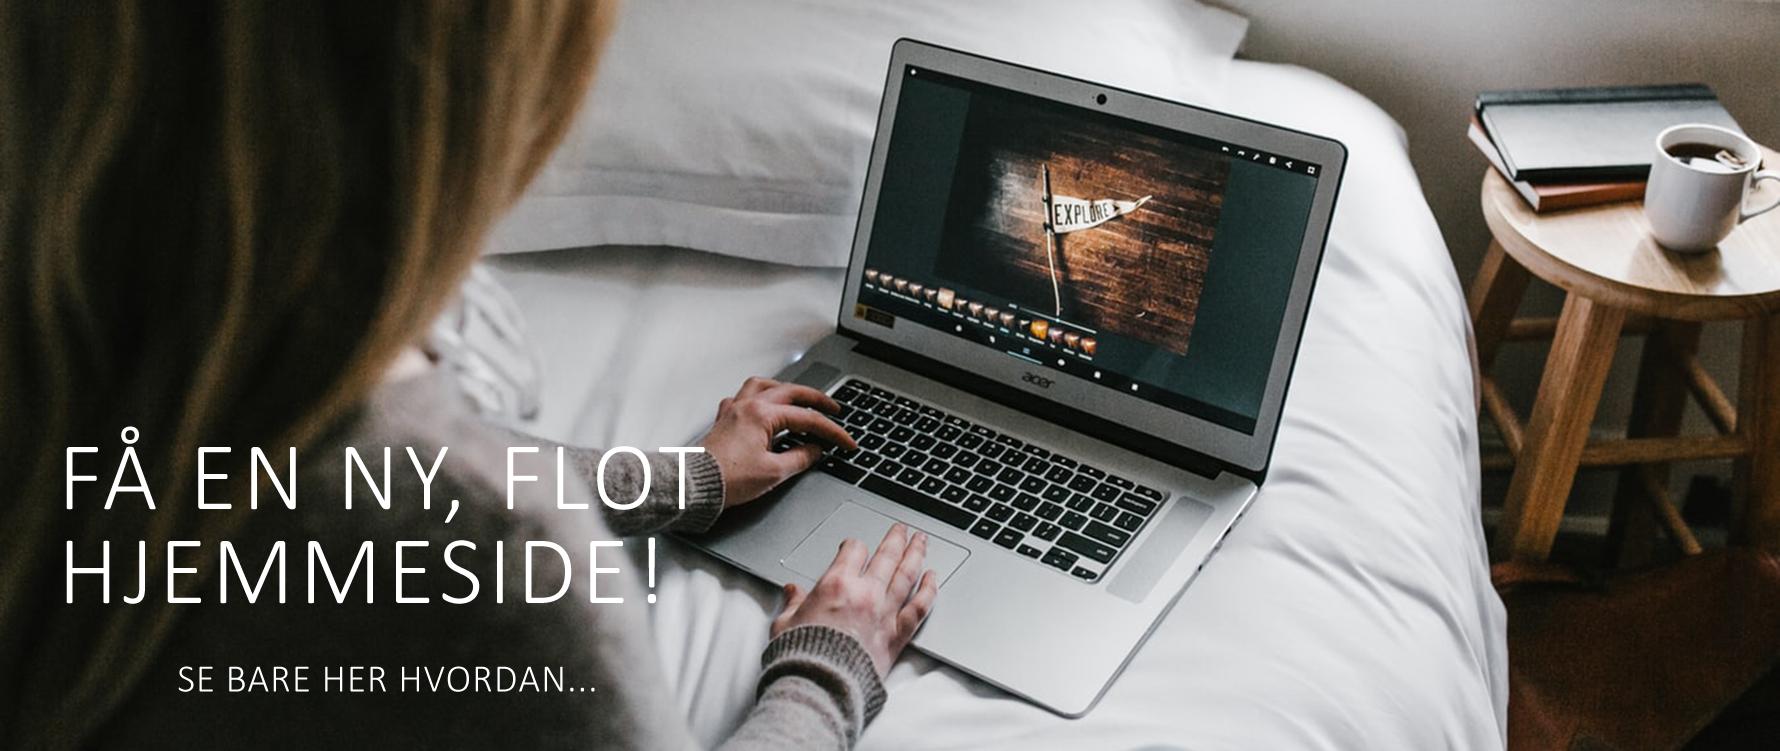 Få en ny, flot hjemmeside